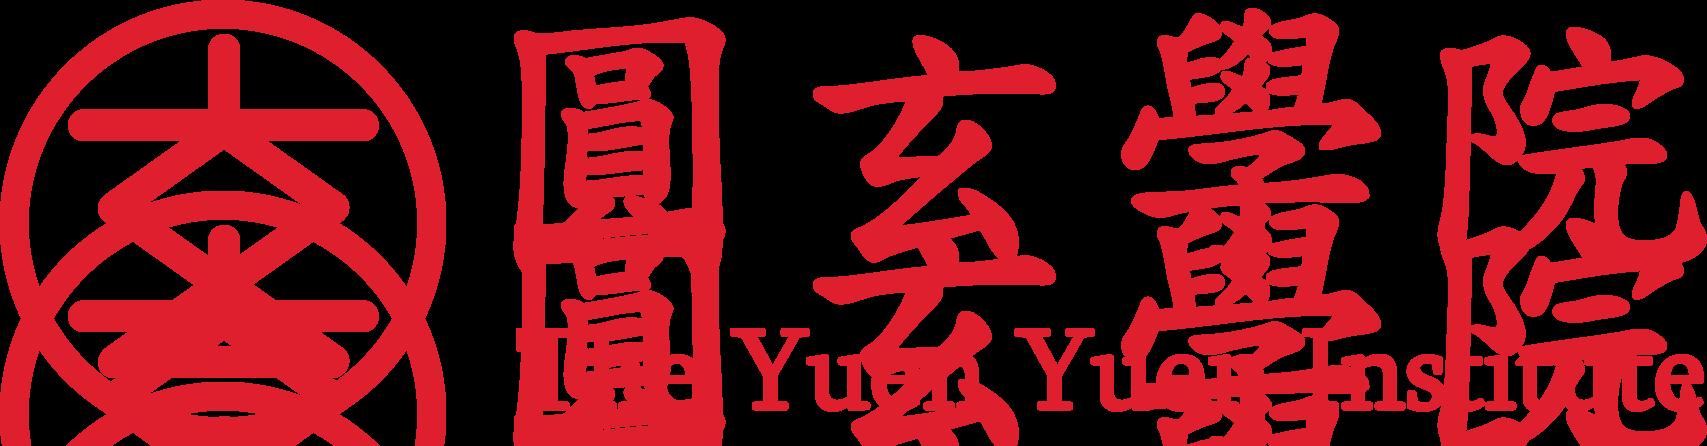 II5 Yuen Yuen Institute_d-words